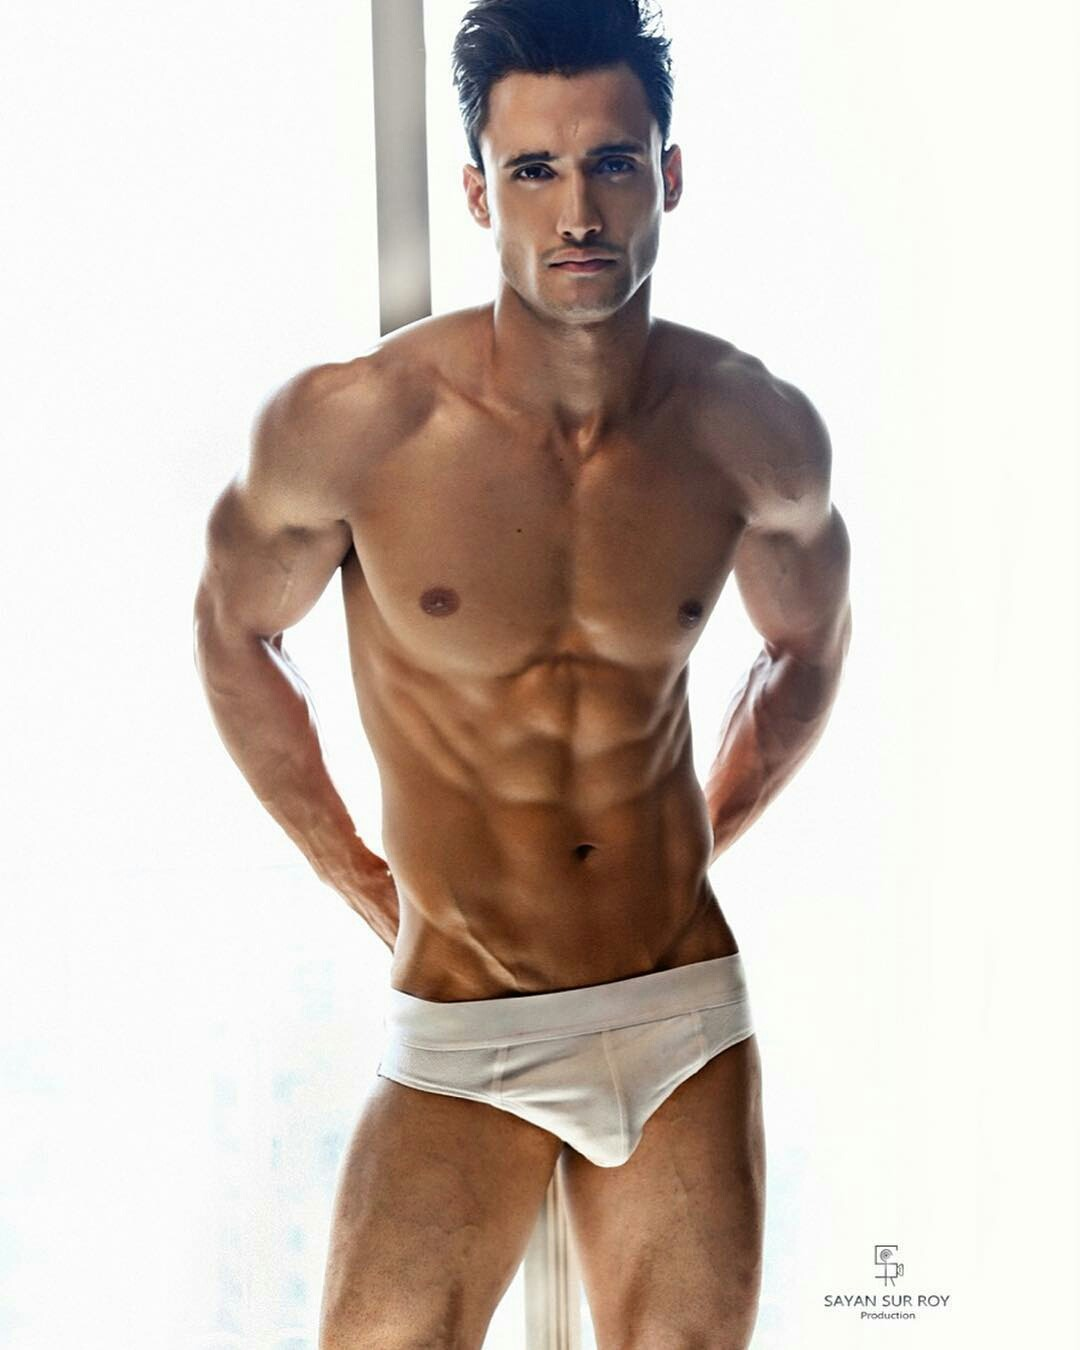 Pin on *Beautiful Men ① (Shirtless)